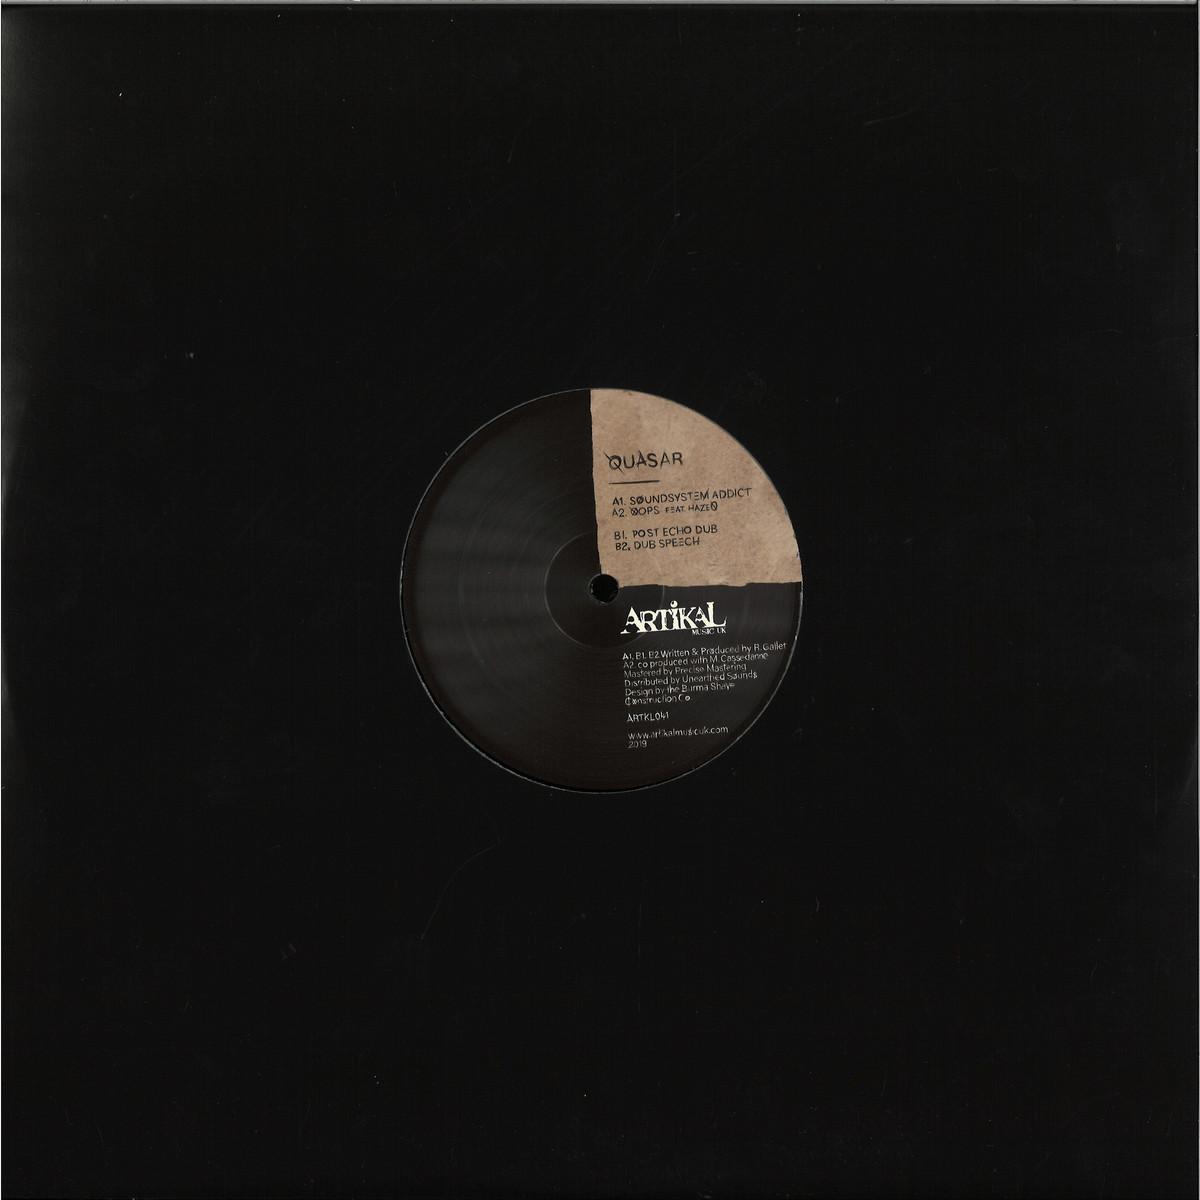 deejay de - Artikal Music UK